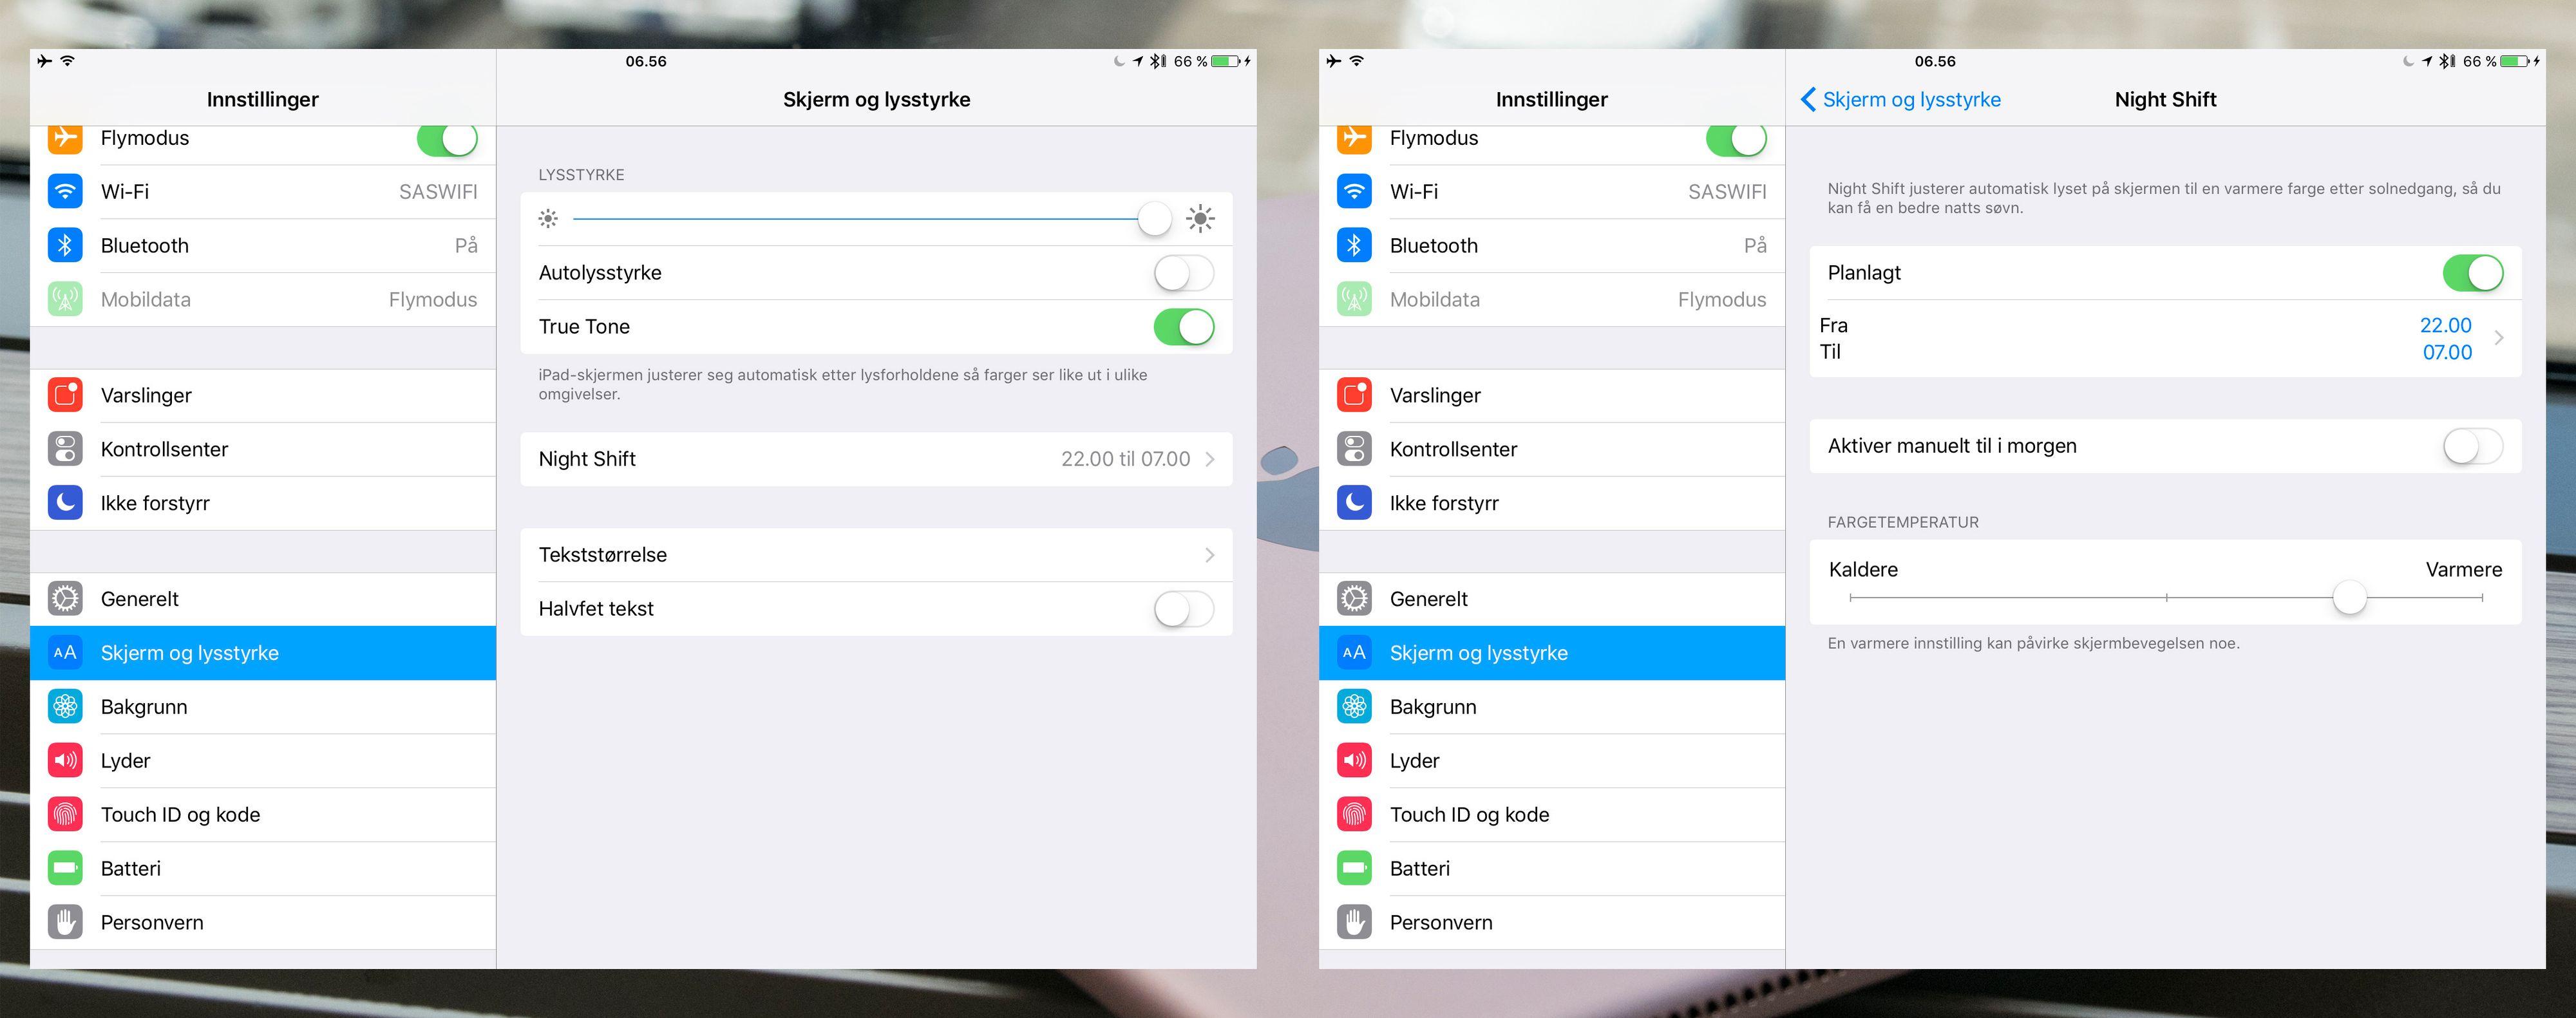 Et par funksjoner er nye i iPad Pro 9.7. Spesielt gjelder det True Tone-funksjonen som krever sensorer og den spesielle skjermløsningen som er valgt.